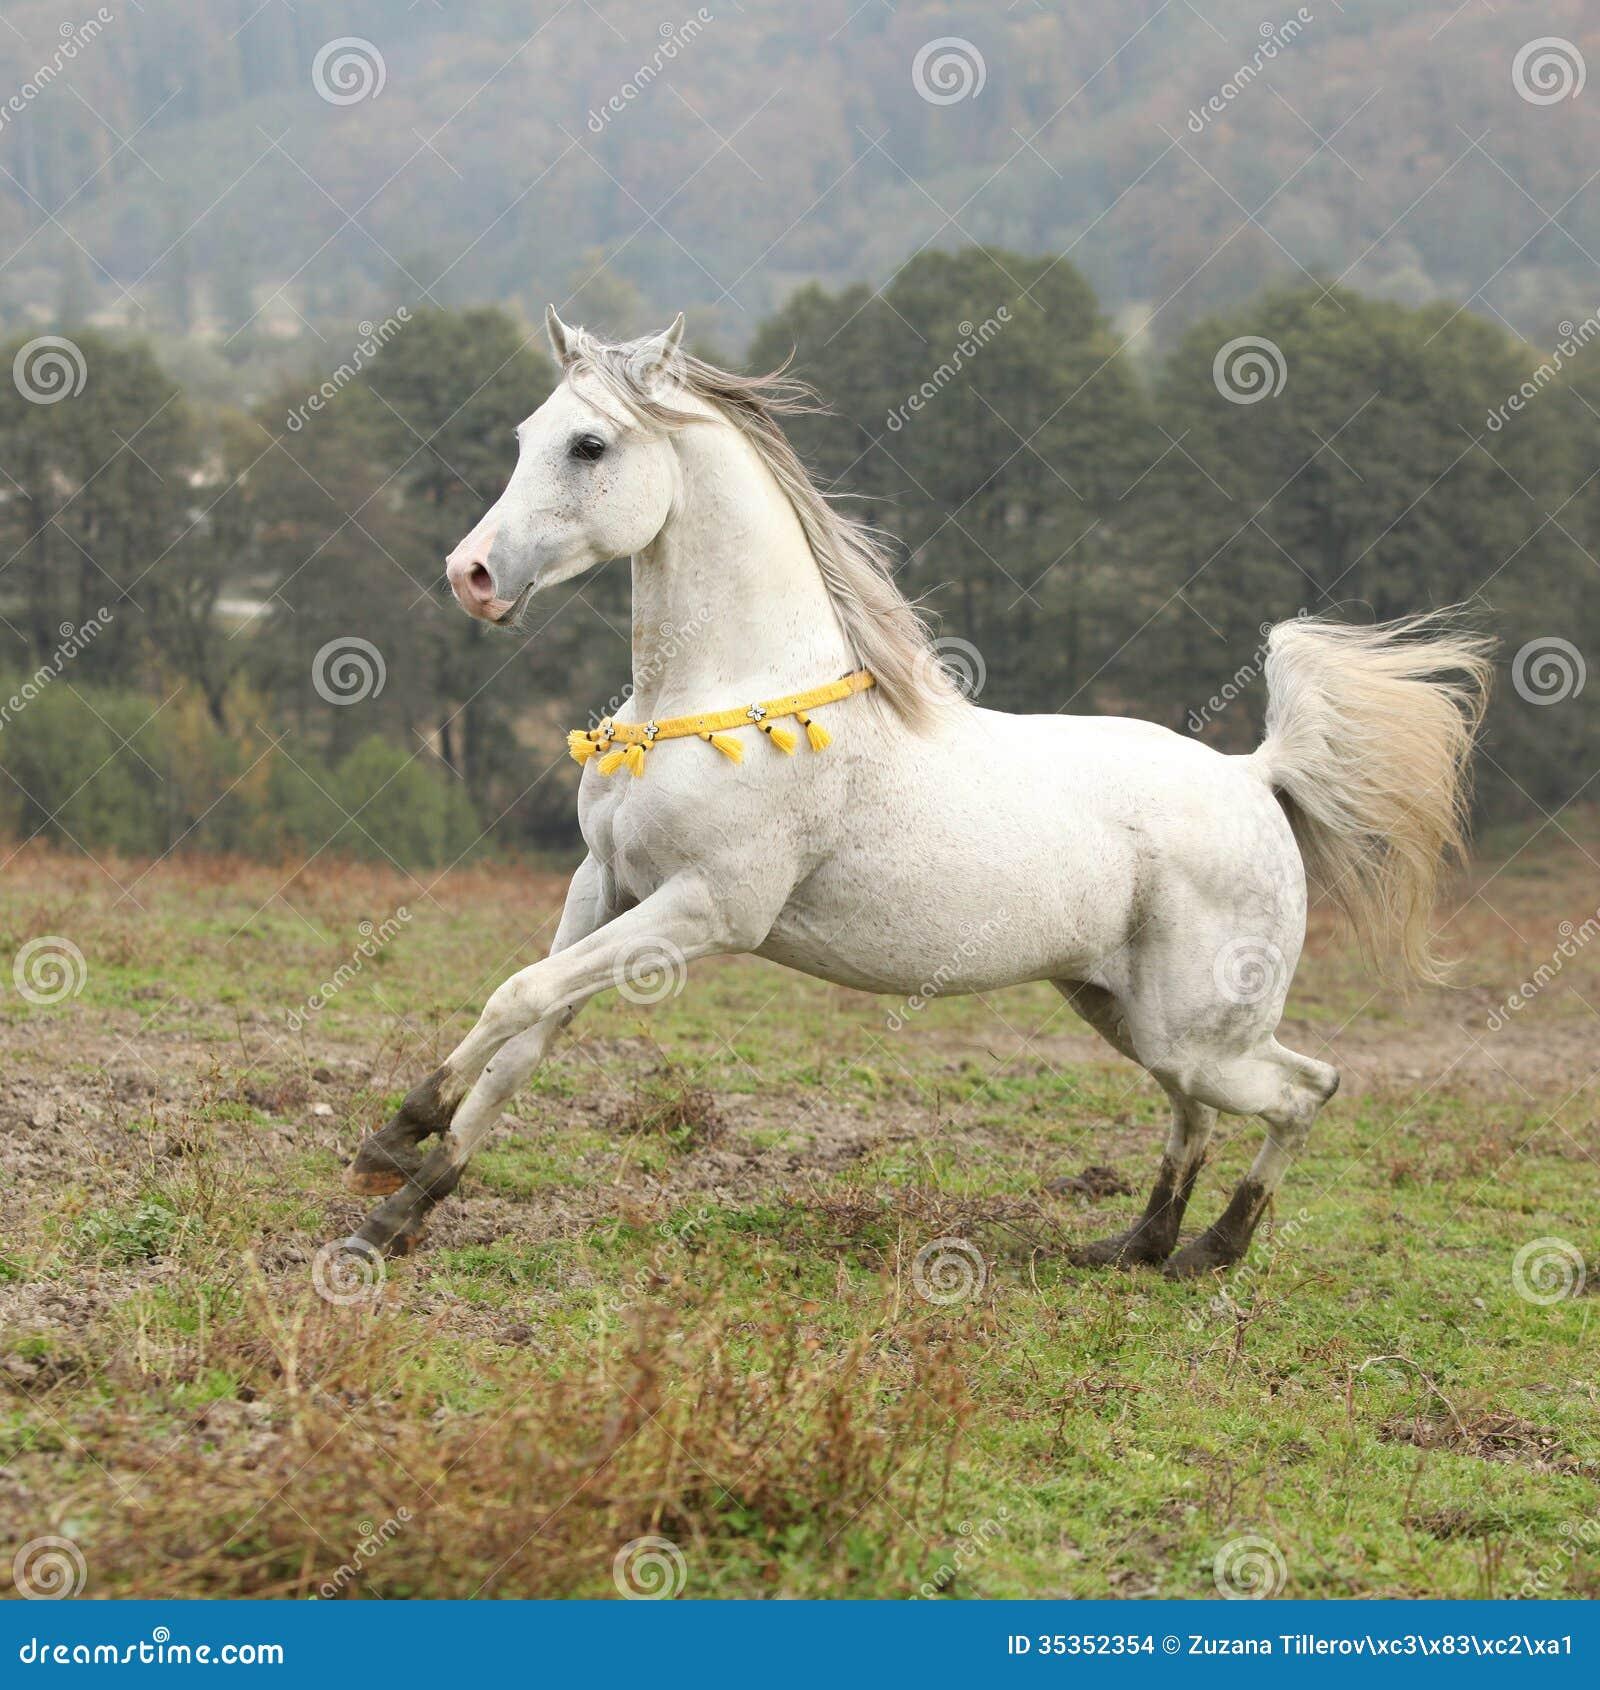 Nice White Arabian Stallion With Flying Mane Stock Photo Image Of Horse Mammal 35352354